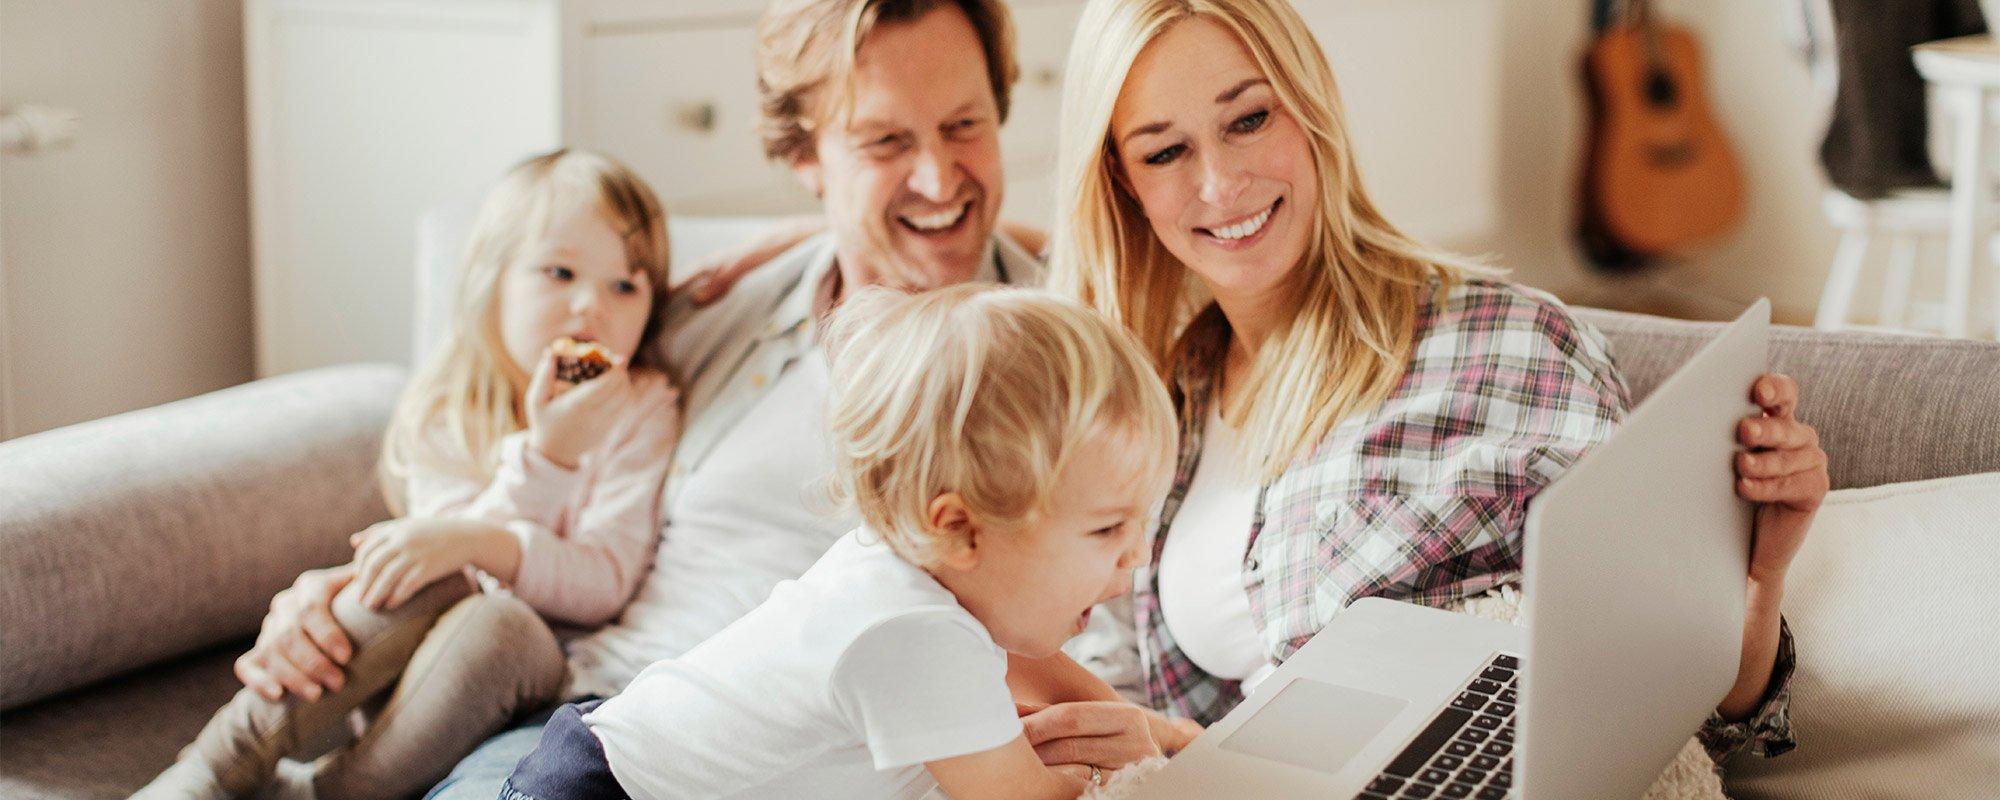 Kuvassa mies ja nainen sekä kaksi lasta tutkivat kannettavan tietokoneen näyttöä.